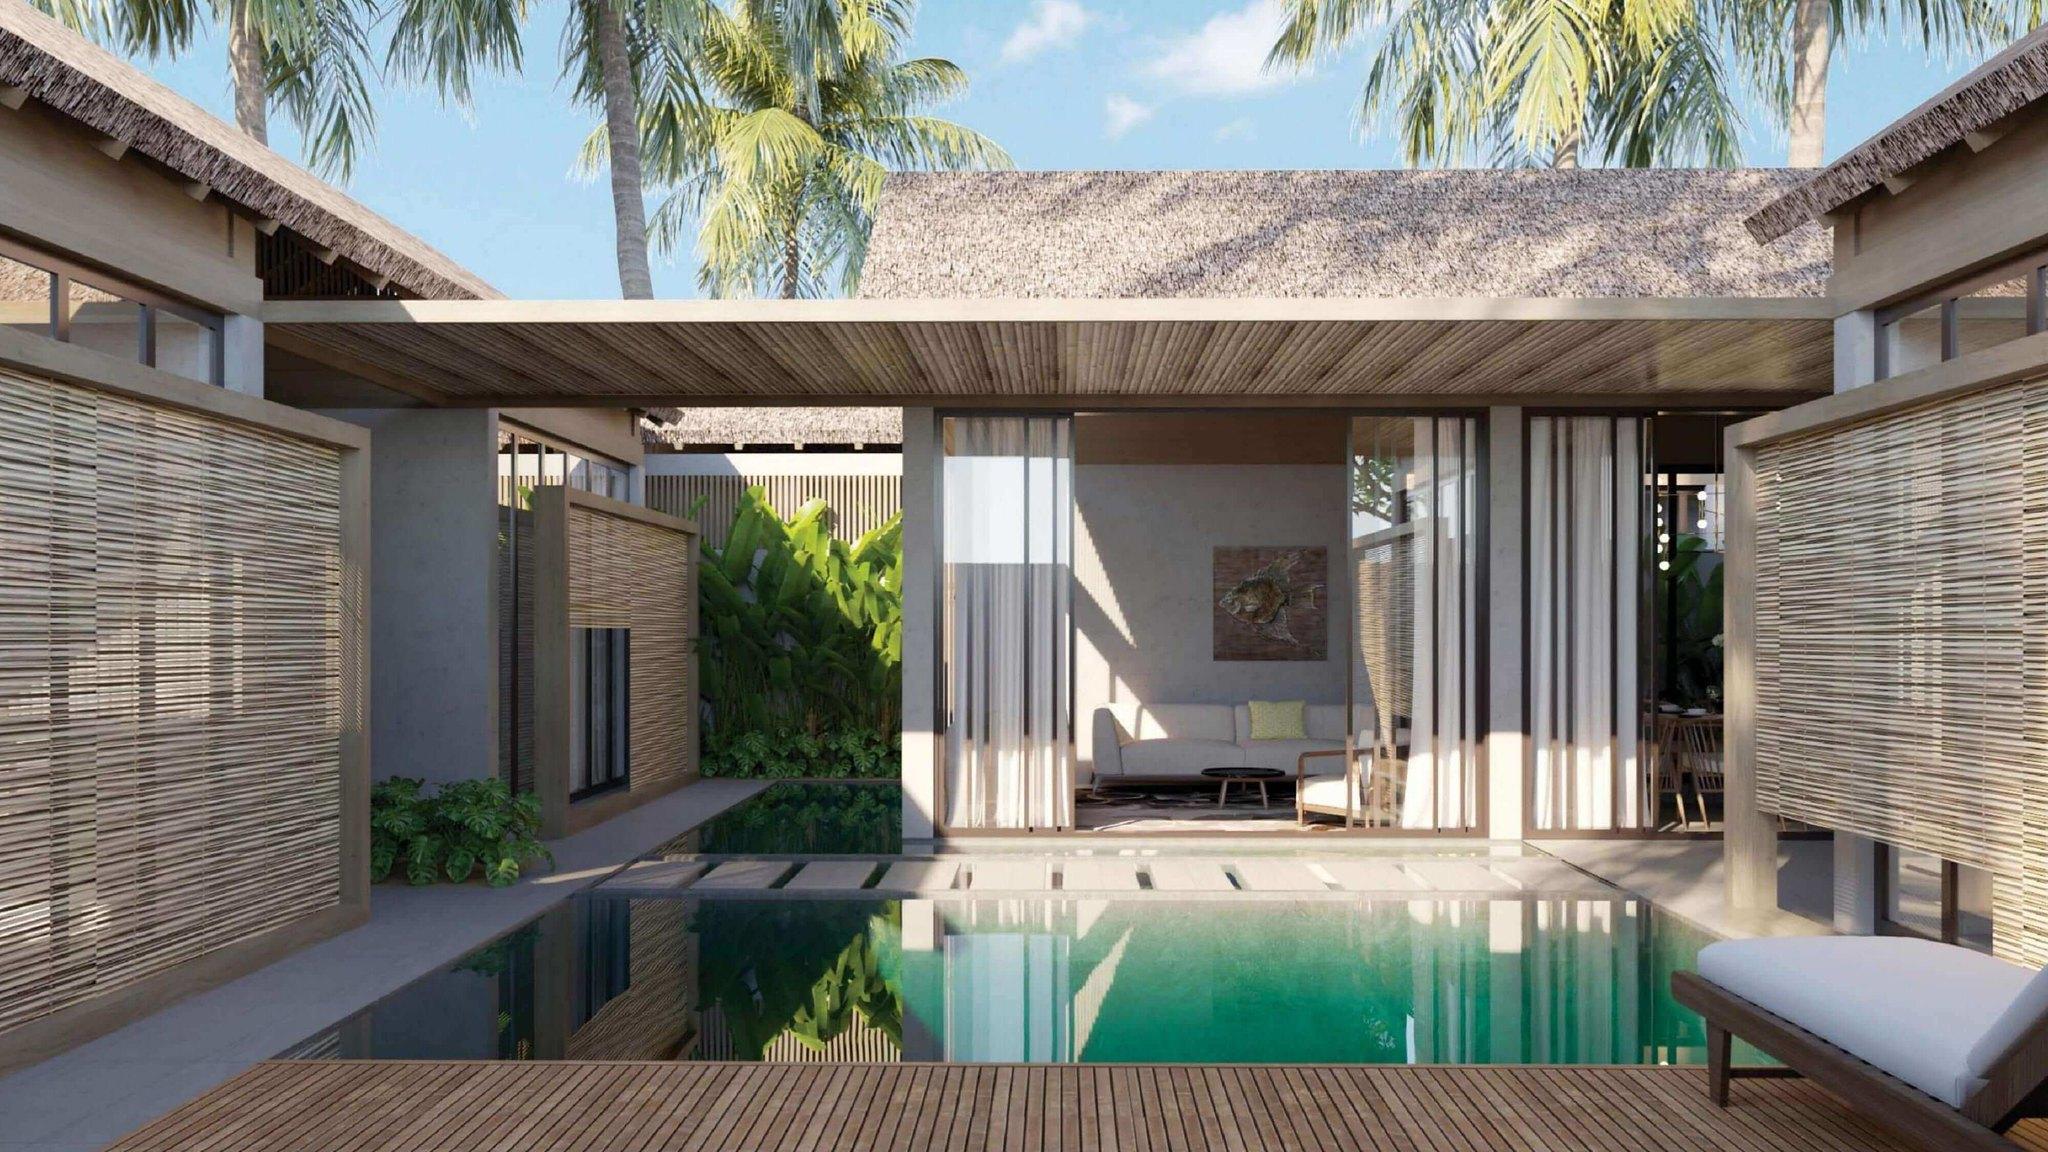 Biệt thự nghỉ dưỡng 5 sao Sun Premier Village Kem Beach Resort